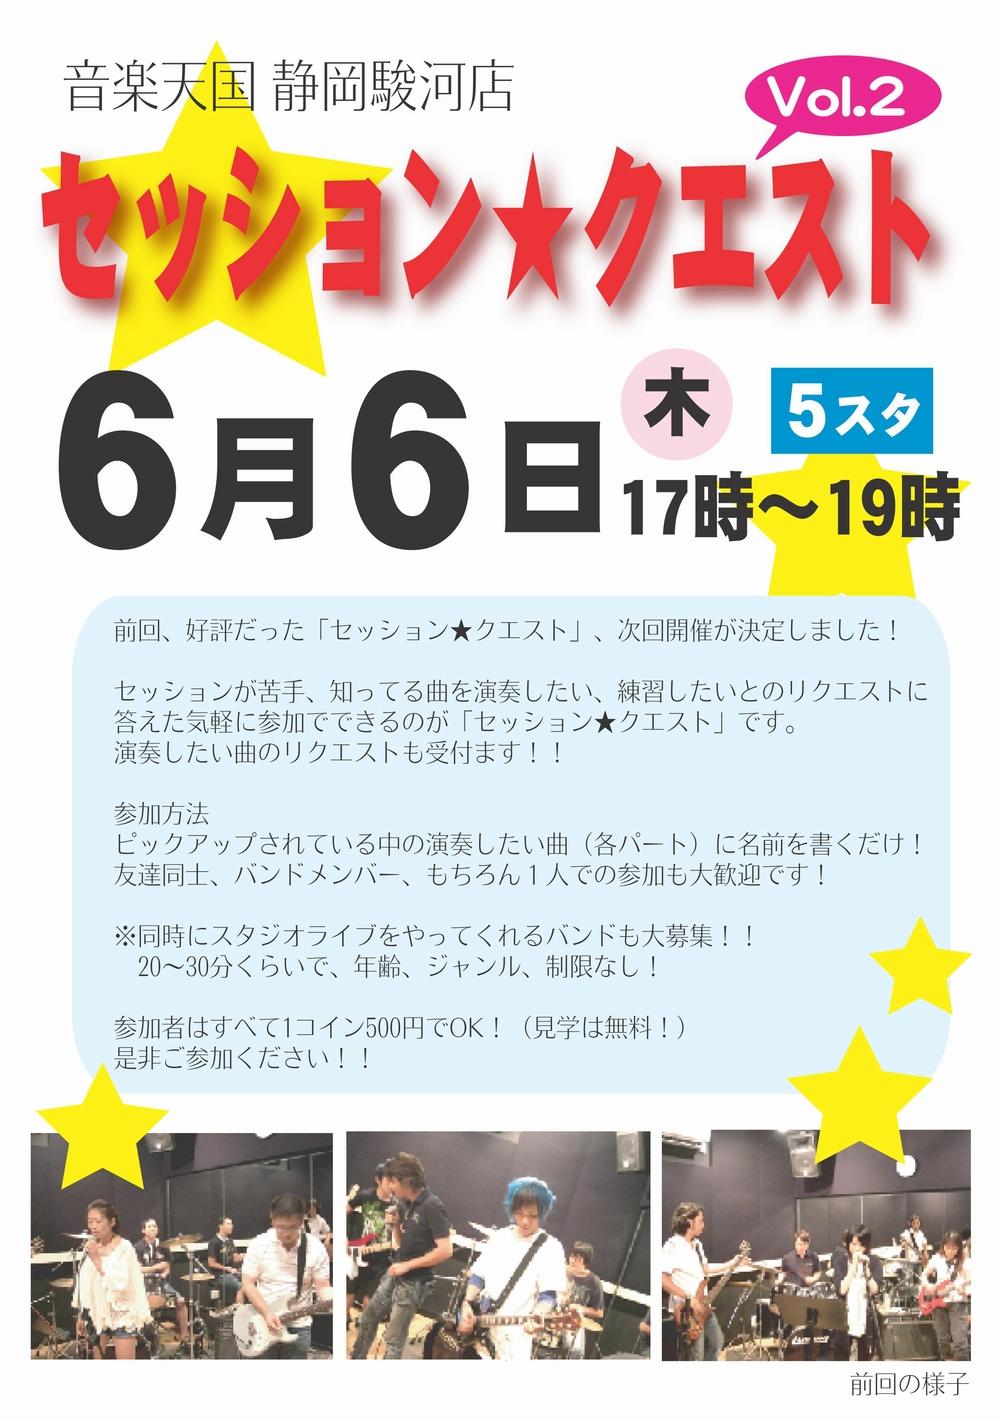 セッション☆クエストVol.2@静岡駿河店6月6日(木)好評開催!